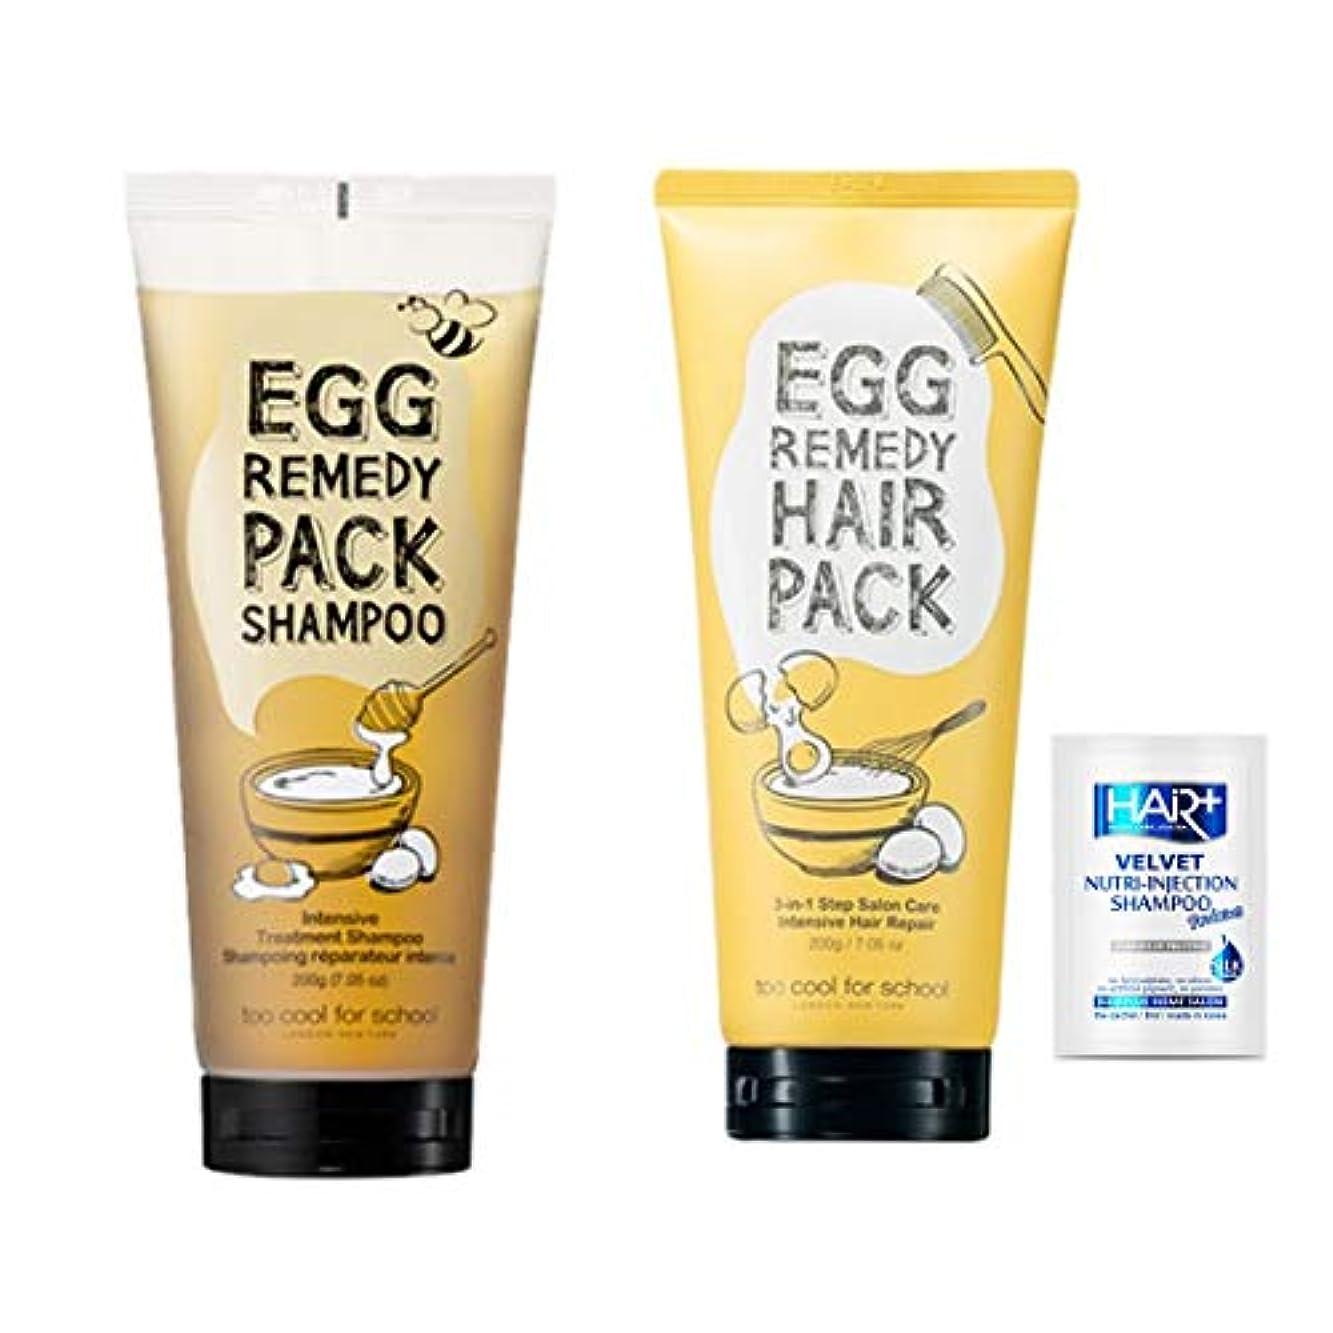 マントデンマークシェトランド諸島トゥークールフォ―スクール(too cool for school)/エッグレミディパックシャンプーtoo cool for school Egg Remedy Pack Shampoo 200ml + エッグレミディヘアパック...